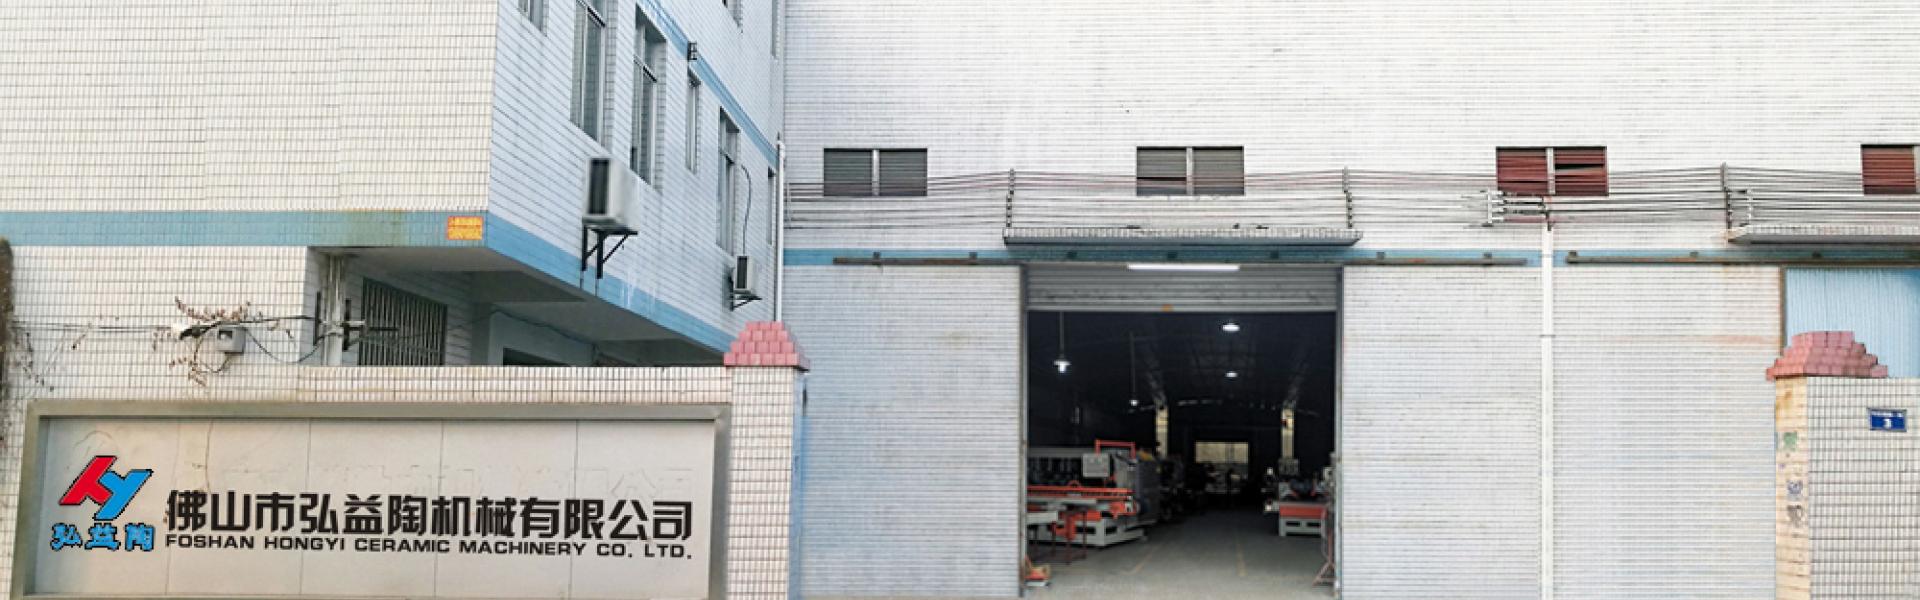 佛山弘益陶机械厂房展示